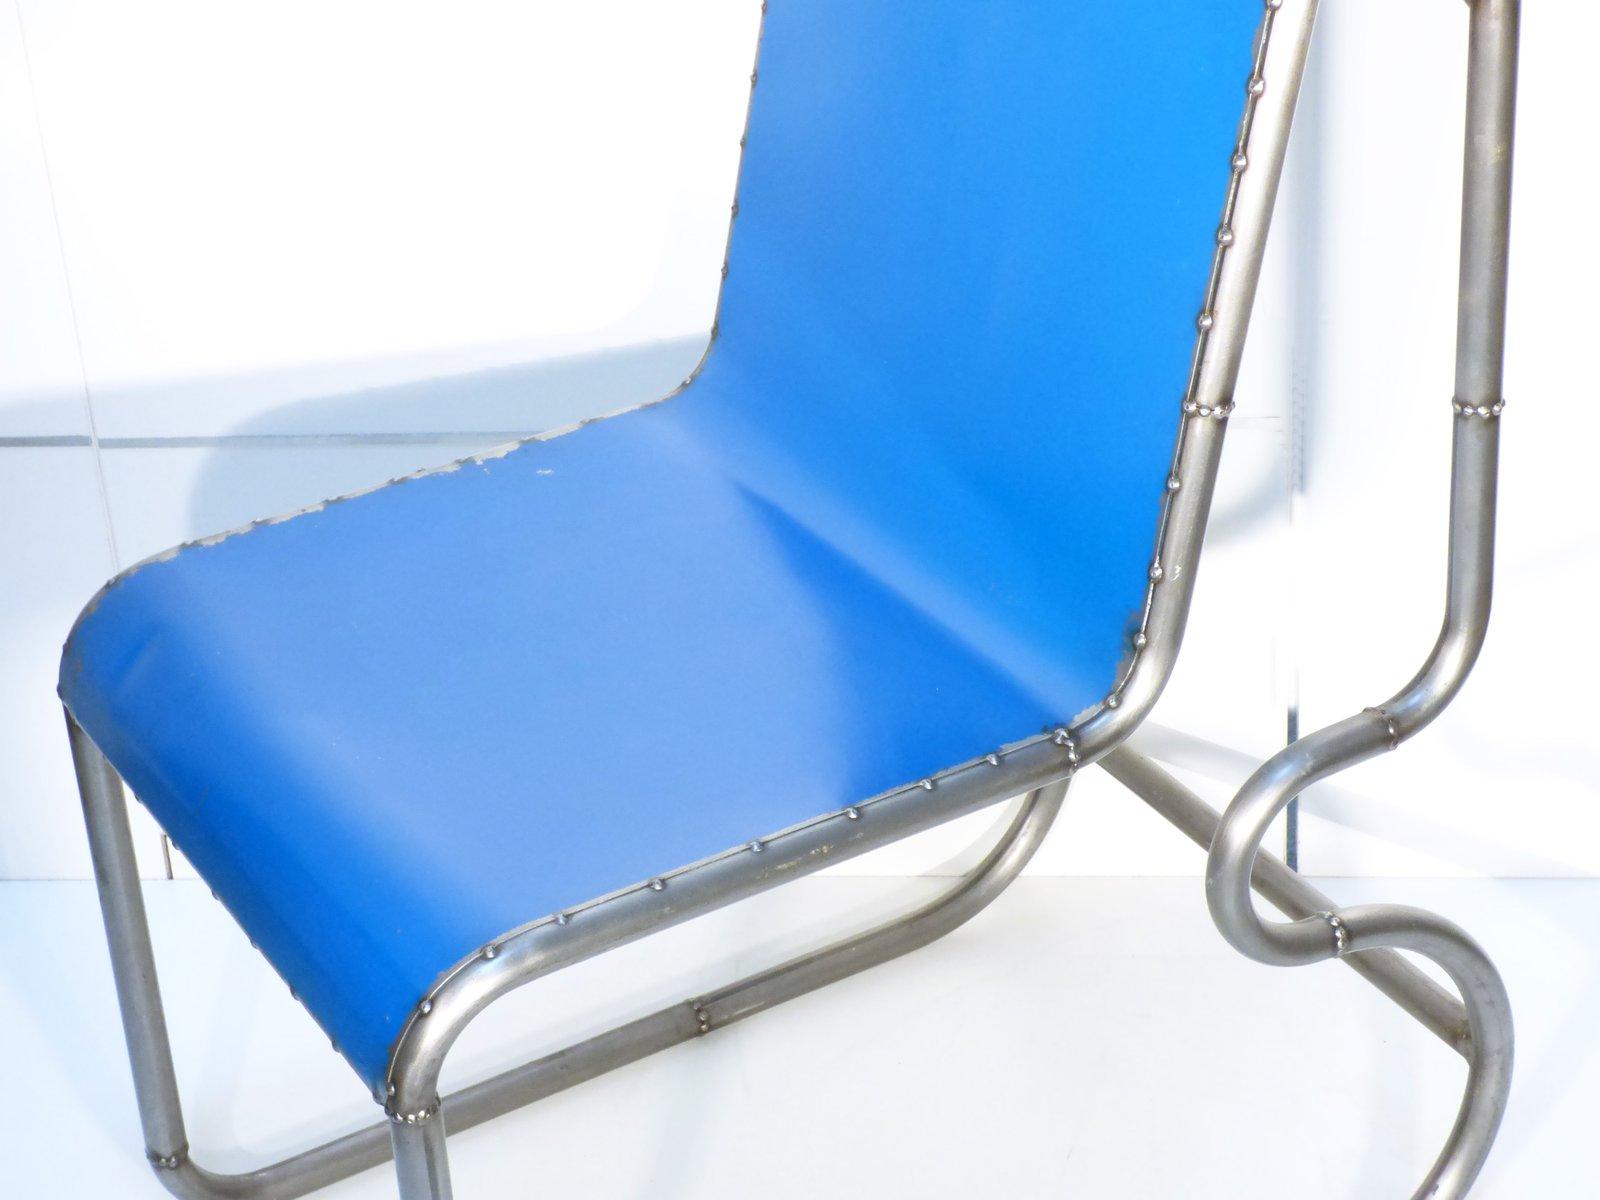 chaise vintage industrielle en acier en vente sur pamono. Black Bedroom Furniture Sets. Home Design Ideas